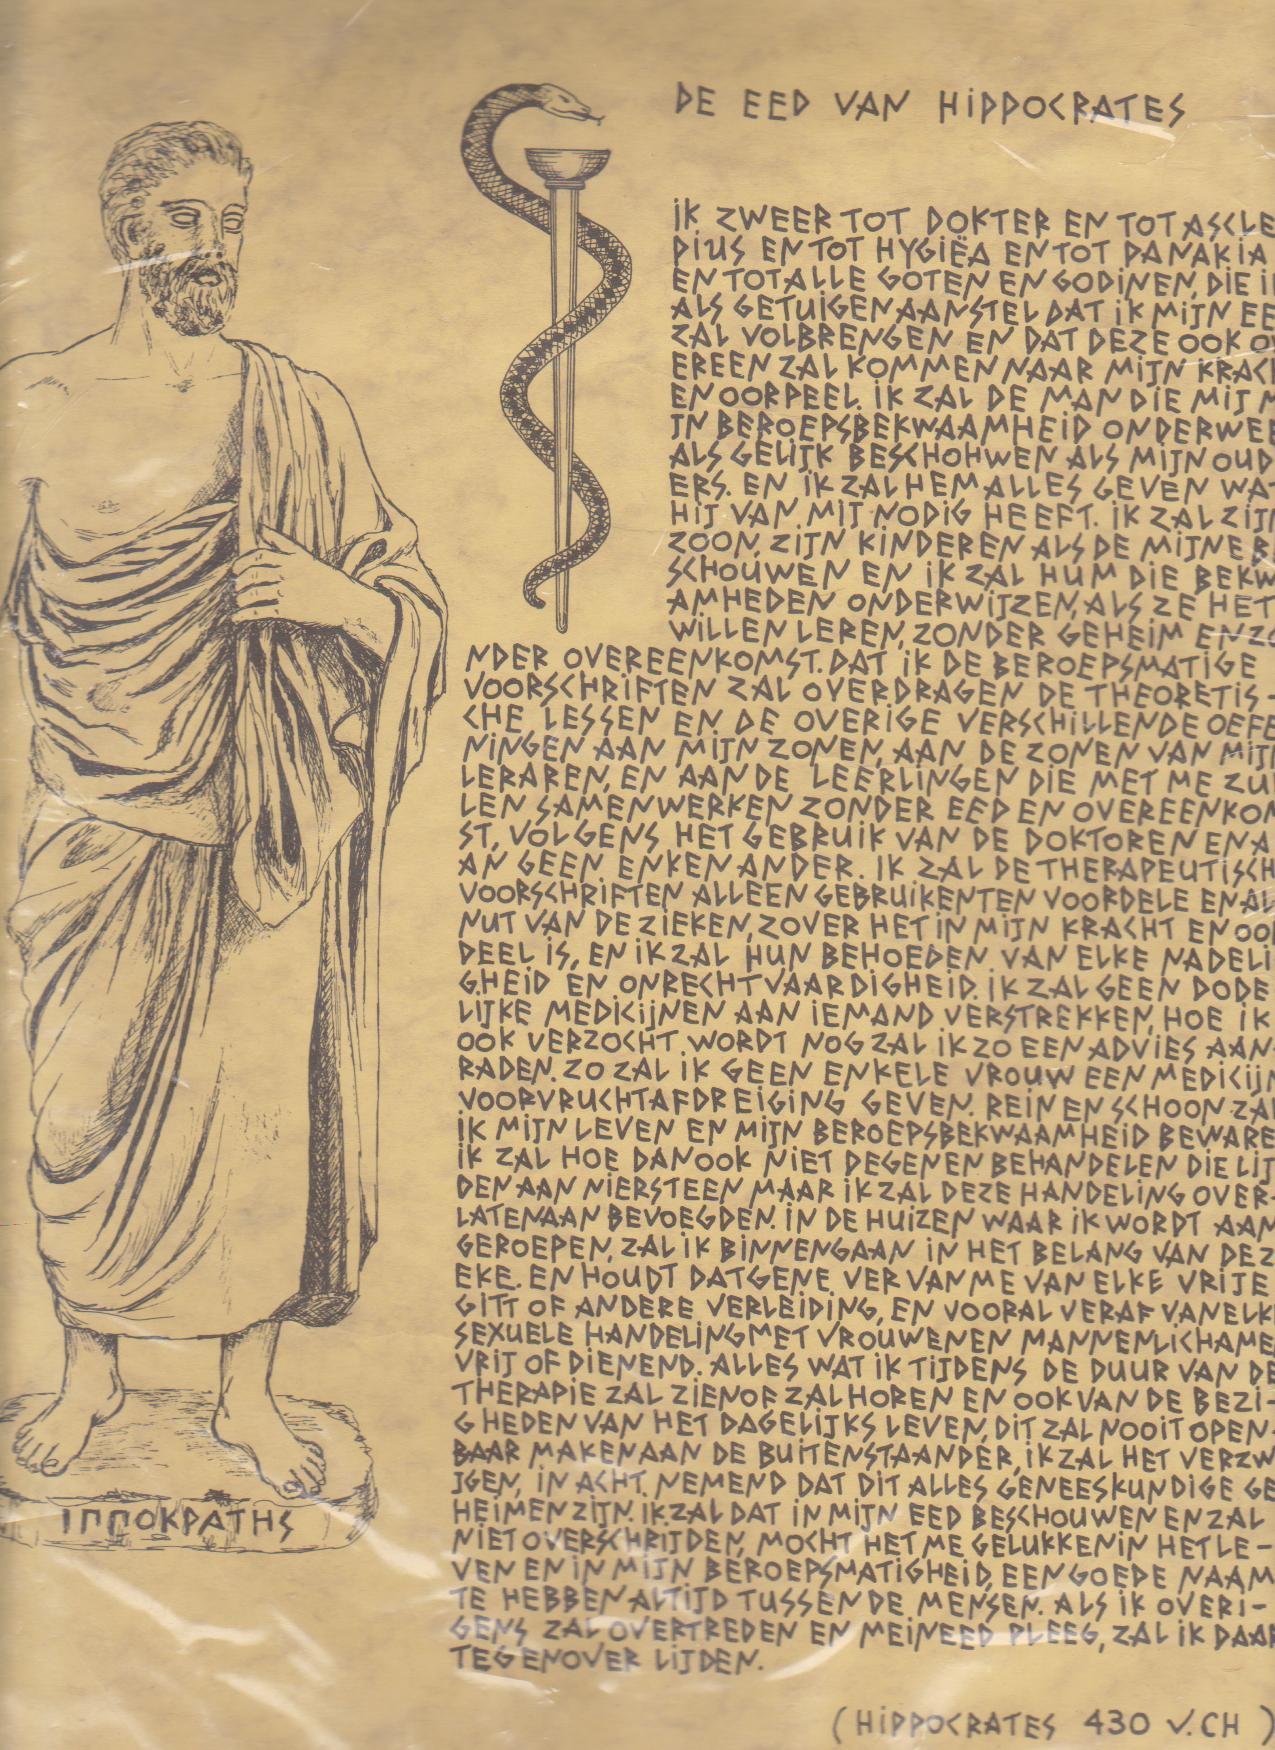 De 'Eed van Hypocrates', die nog steeds geldt als het kernpunt van respect van de genezer voor zijn geneeskunst en patiënt.